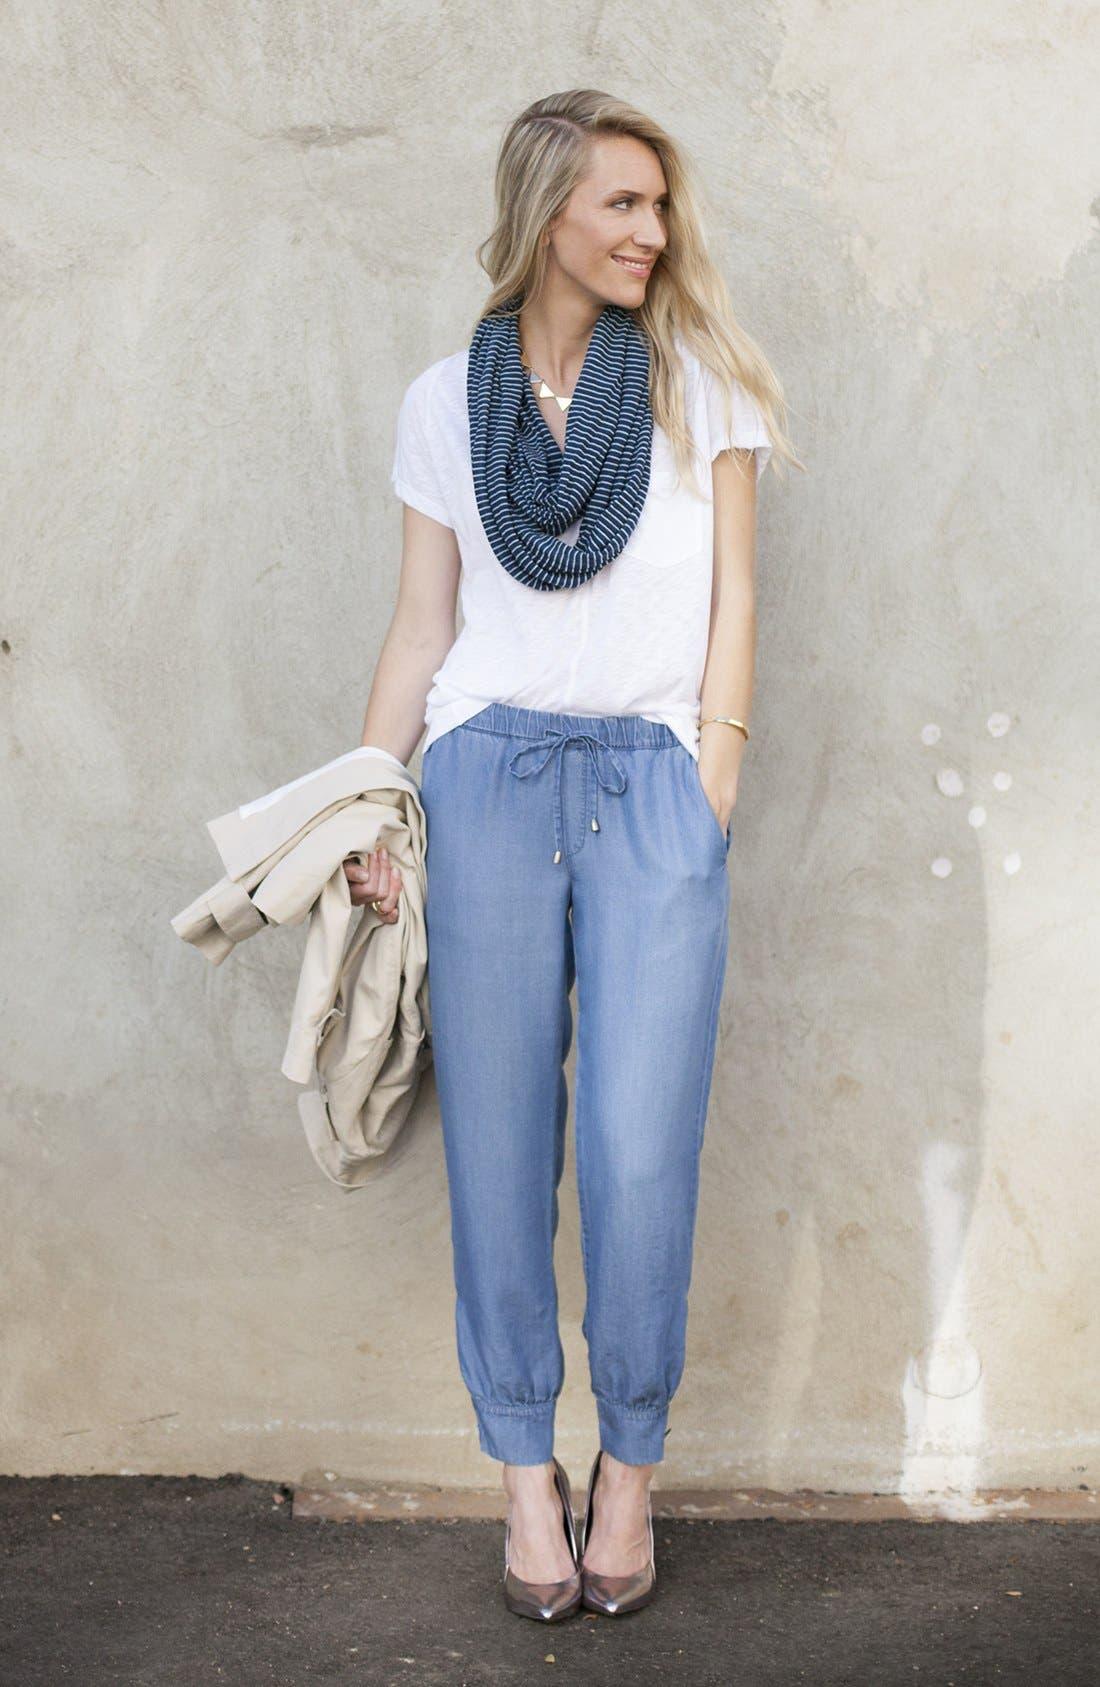 Main Image - Splendid Tee & Pants